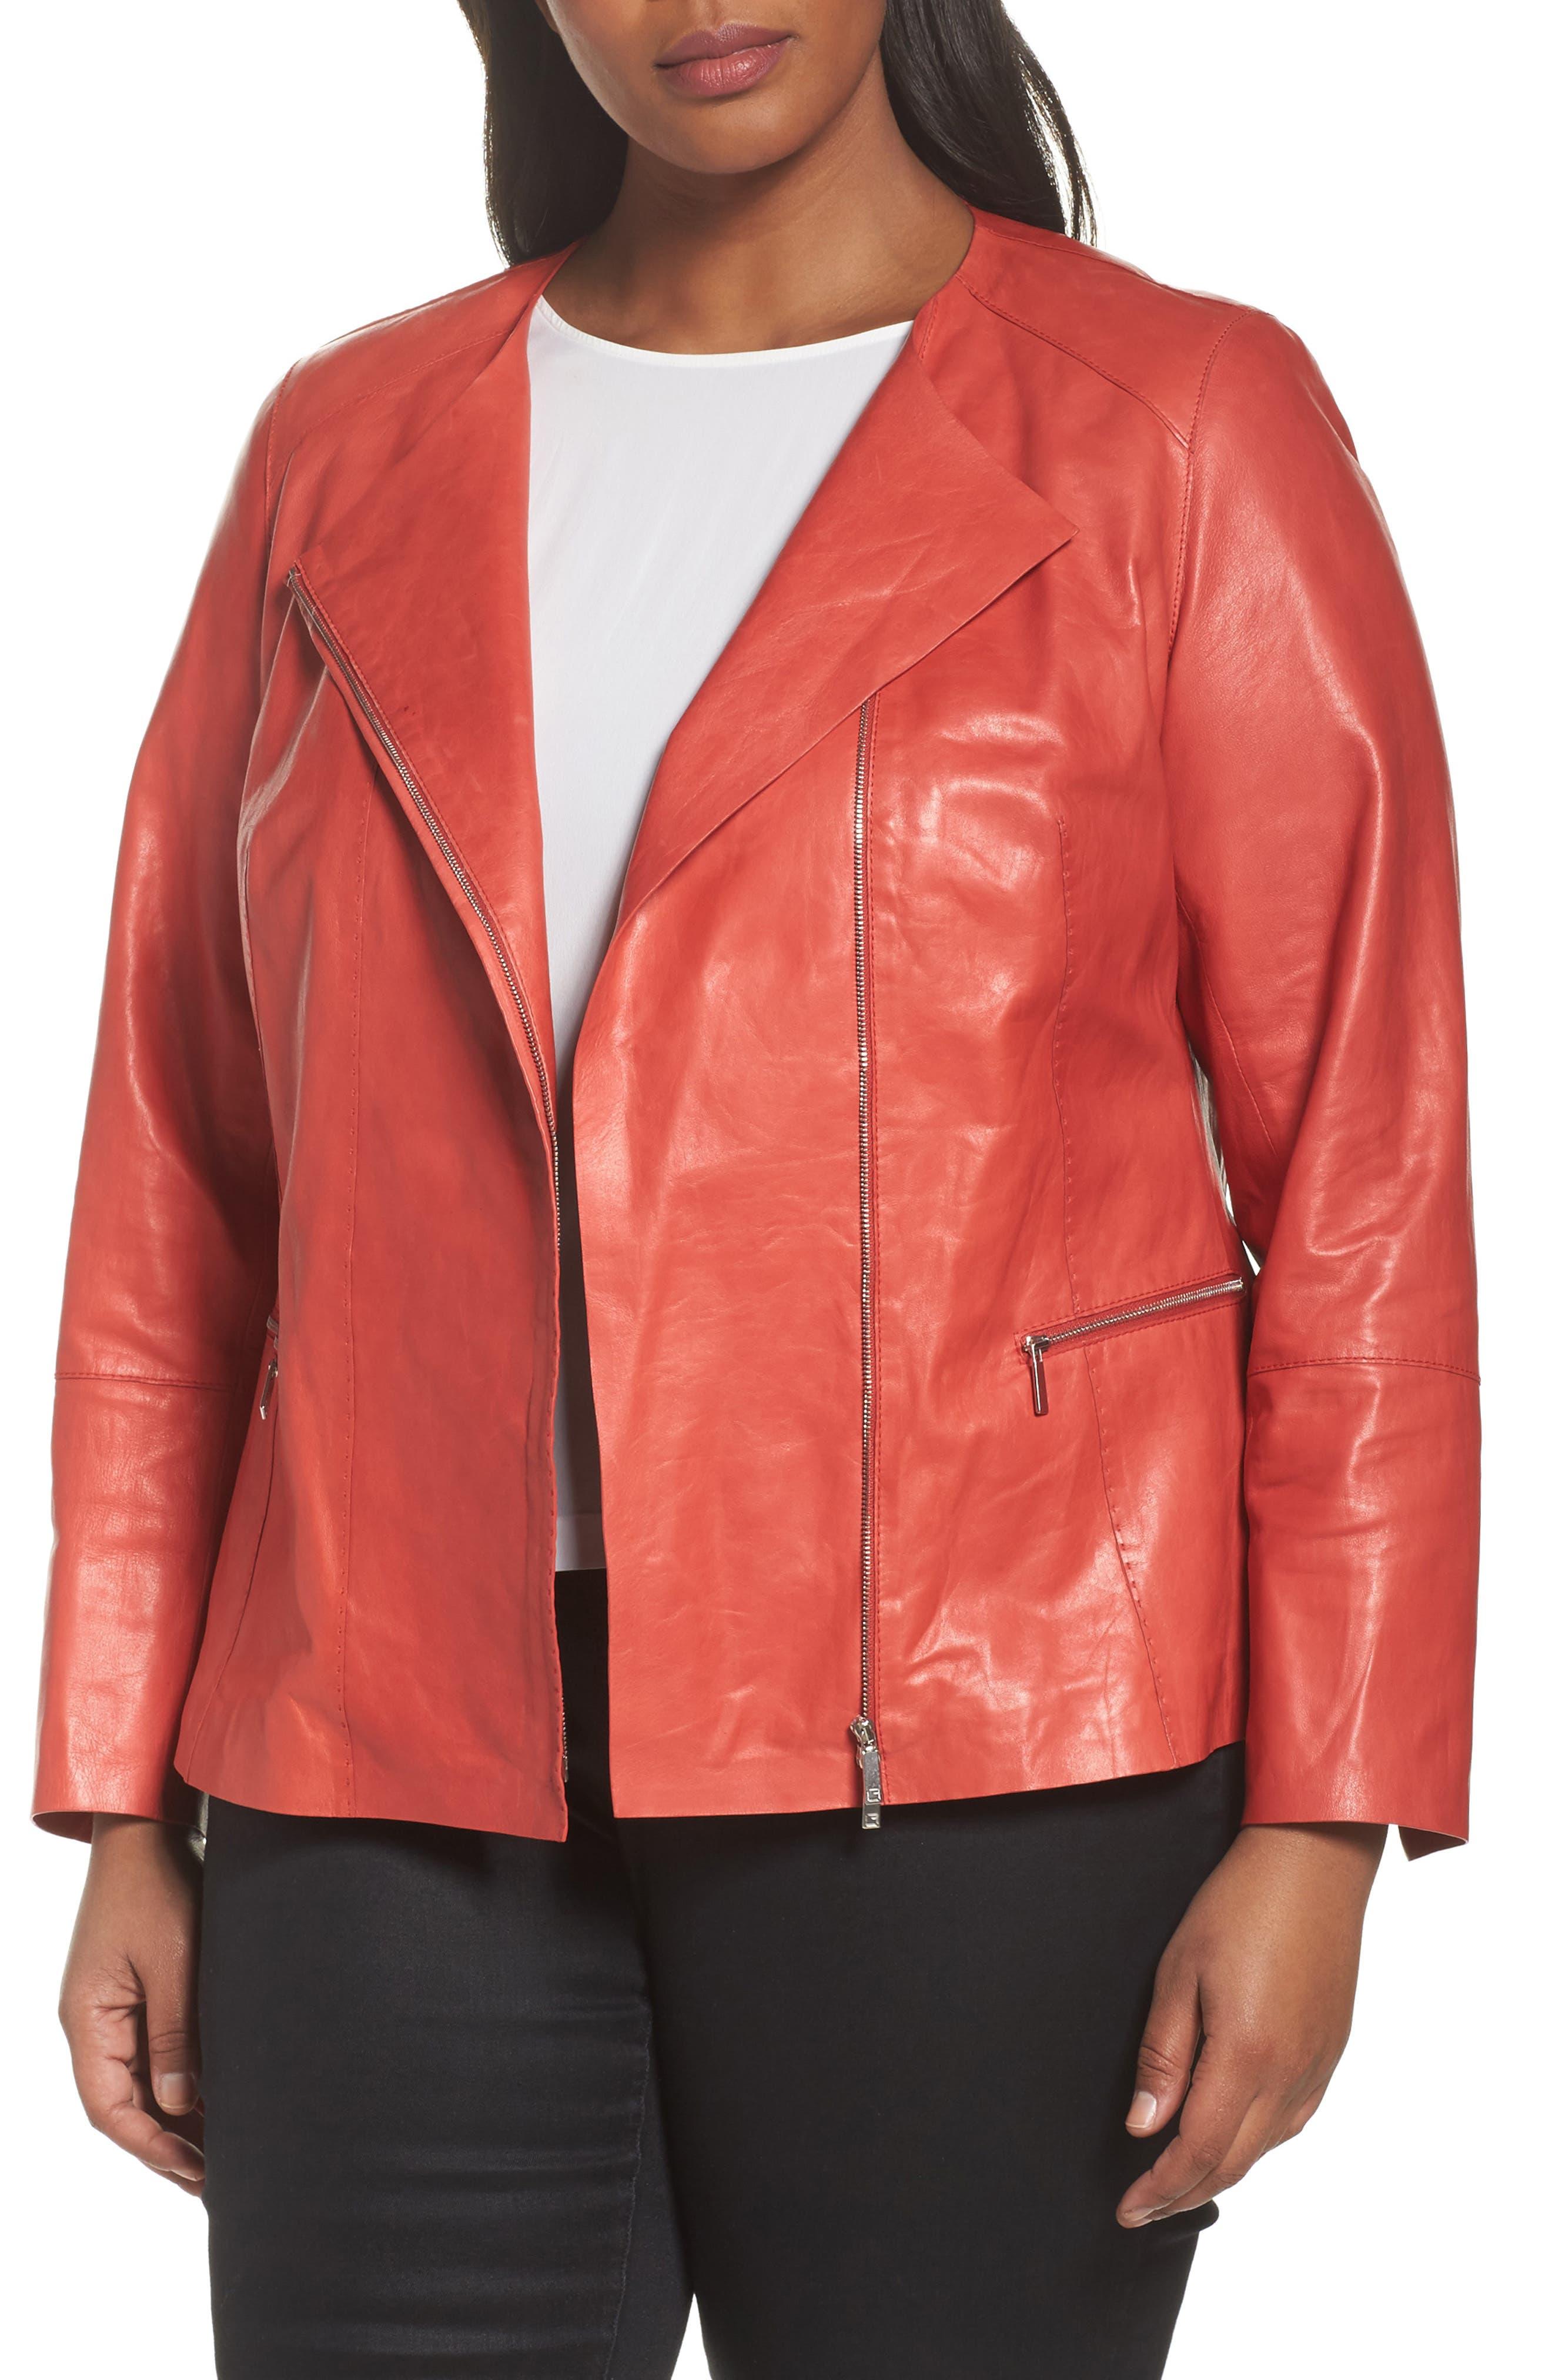 Alternate Image 1 Selected - Lafayette 148 New York Caridee Glazed Lambskin Leather Jacket (Plus Size)